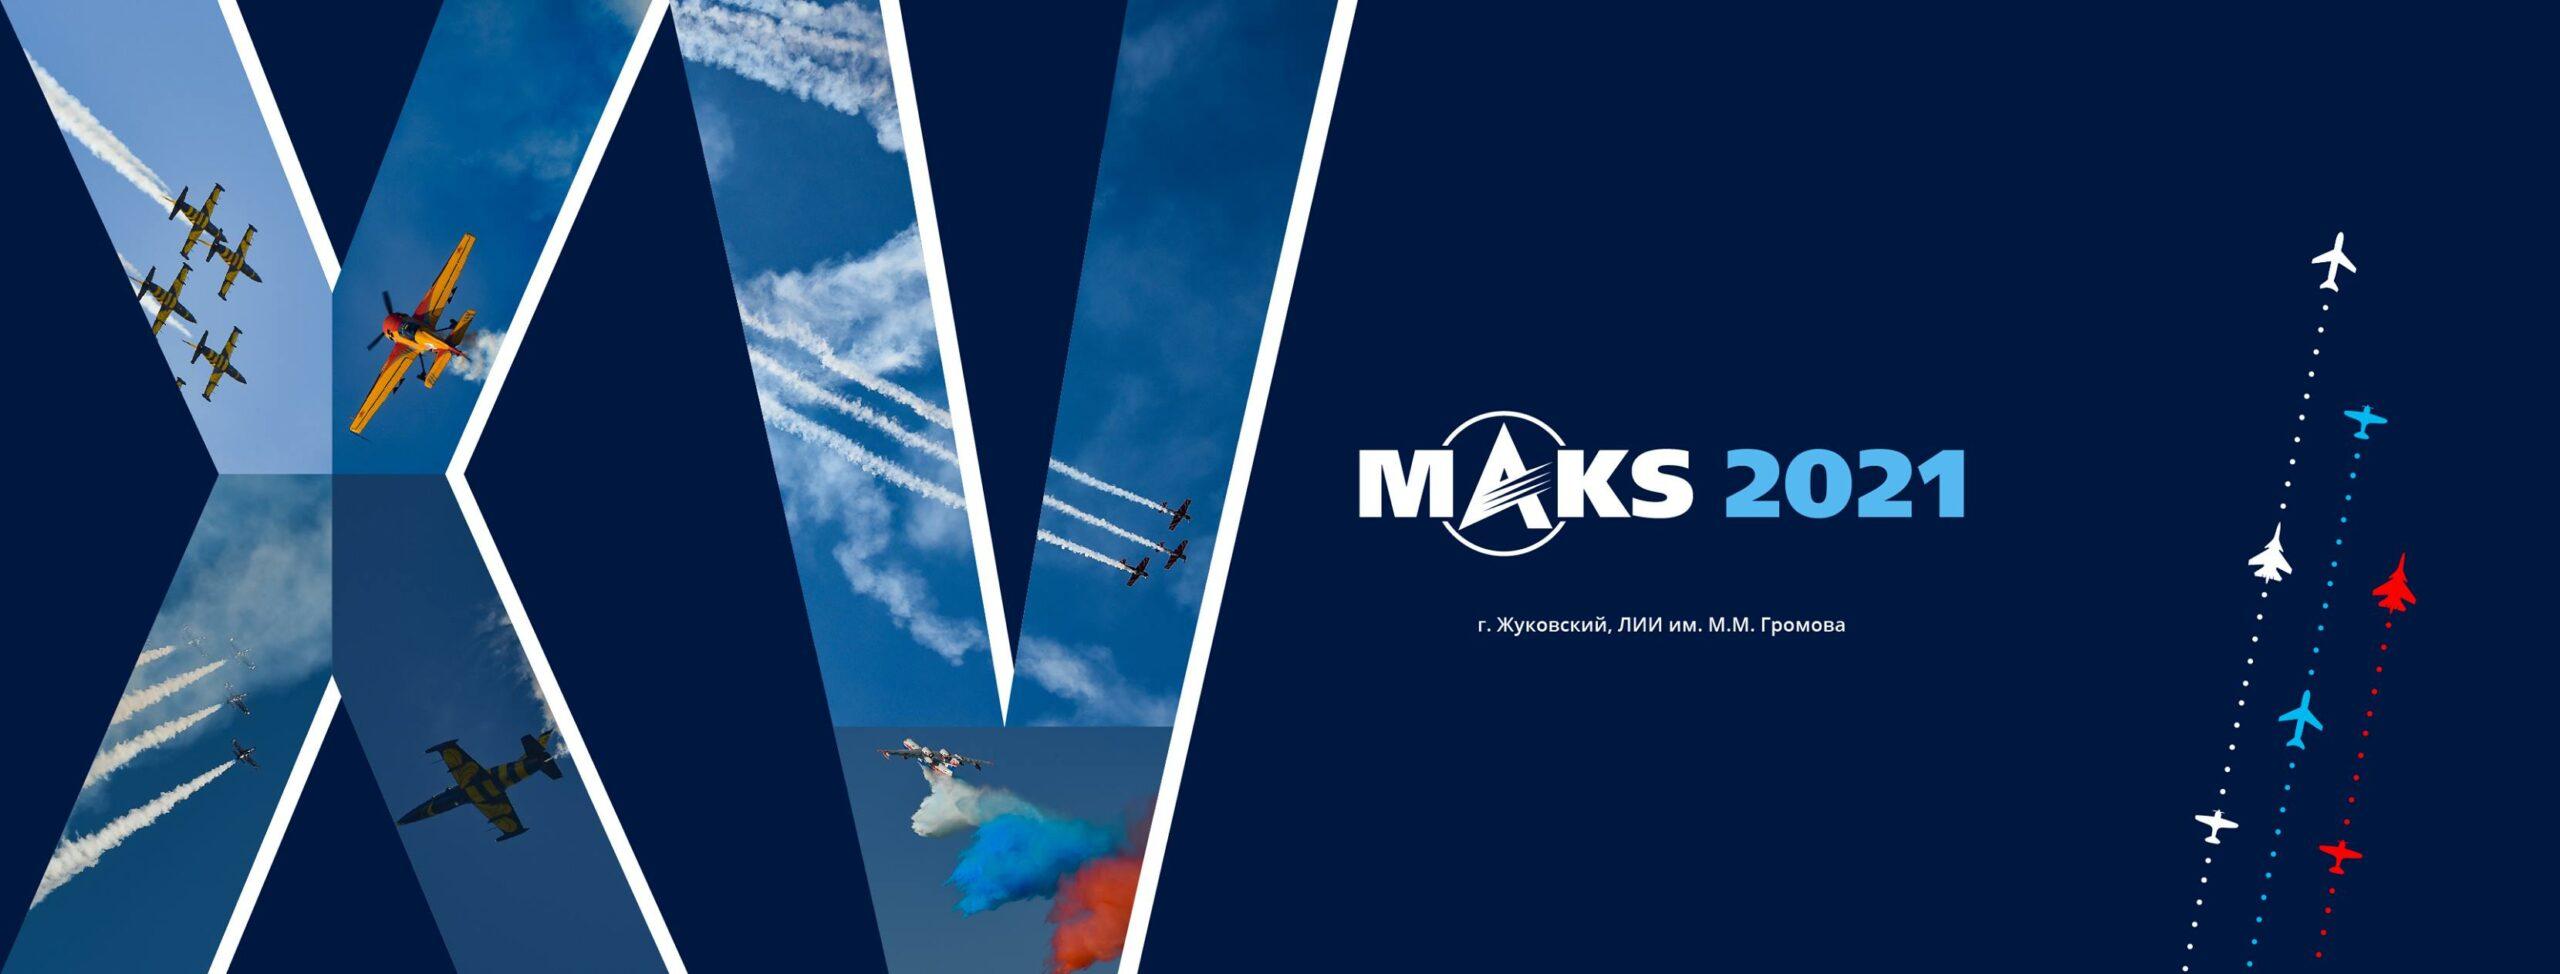 نمایشگاه ماکس 2021 روسیه